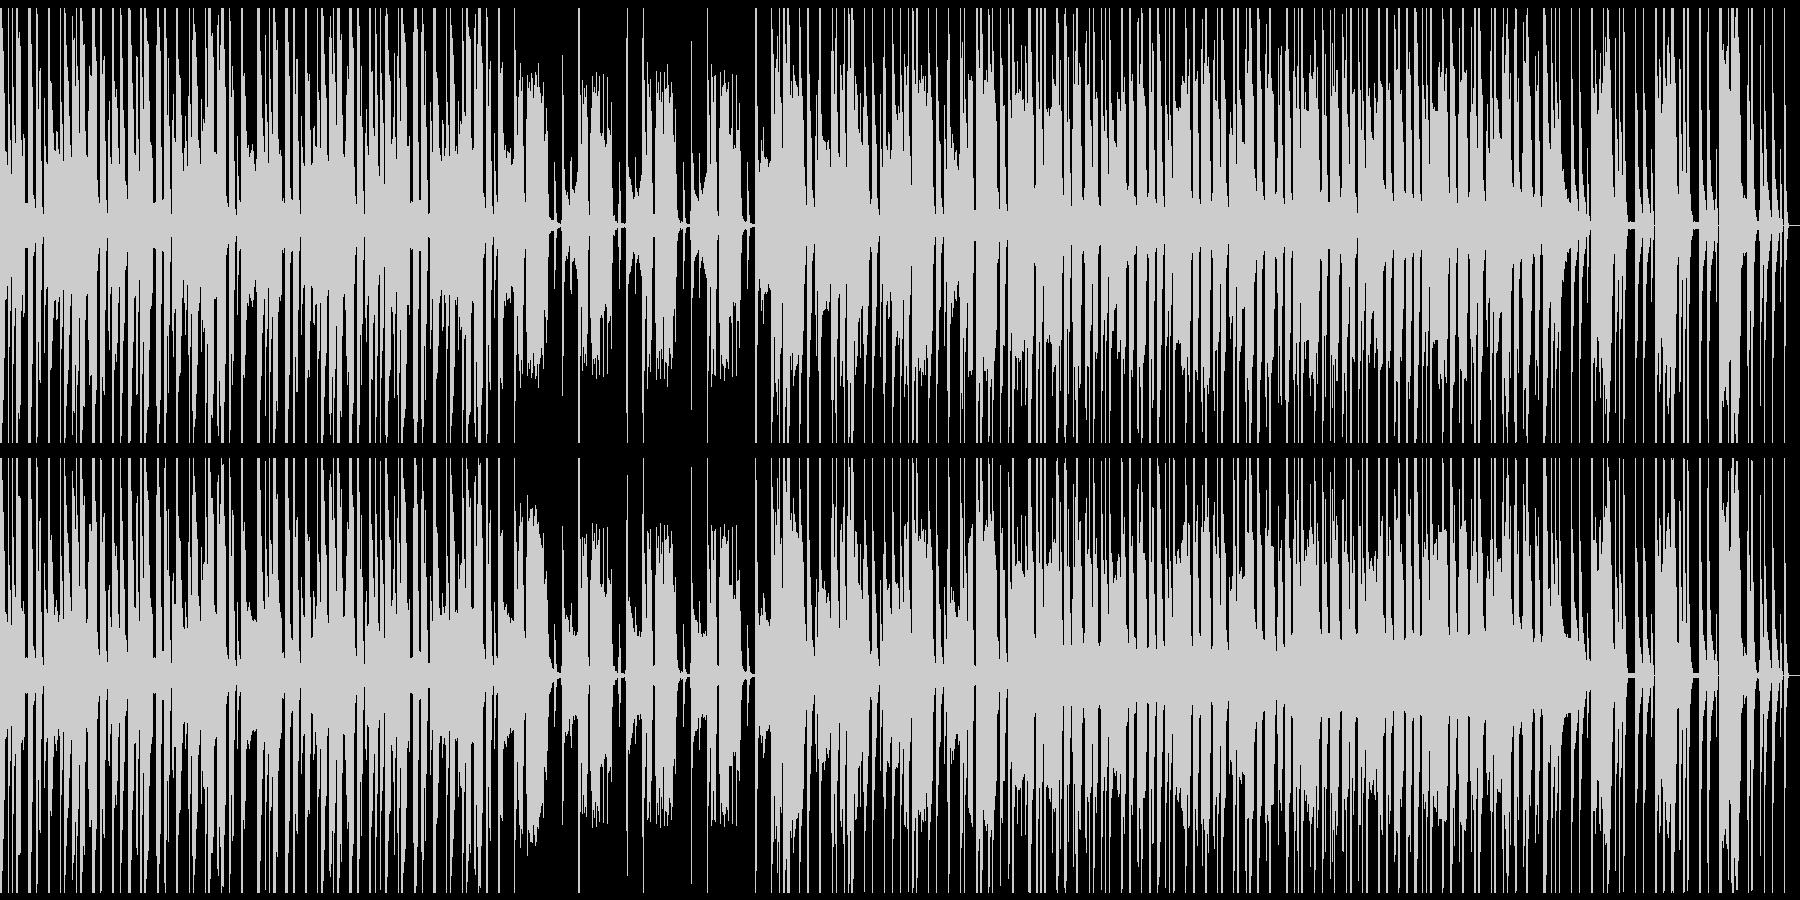 ループ仕様、軽快・コミカルなBGMの未再生の波形